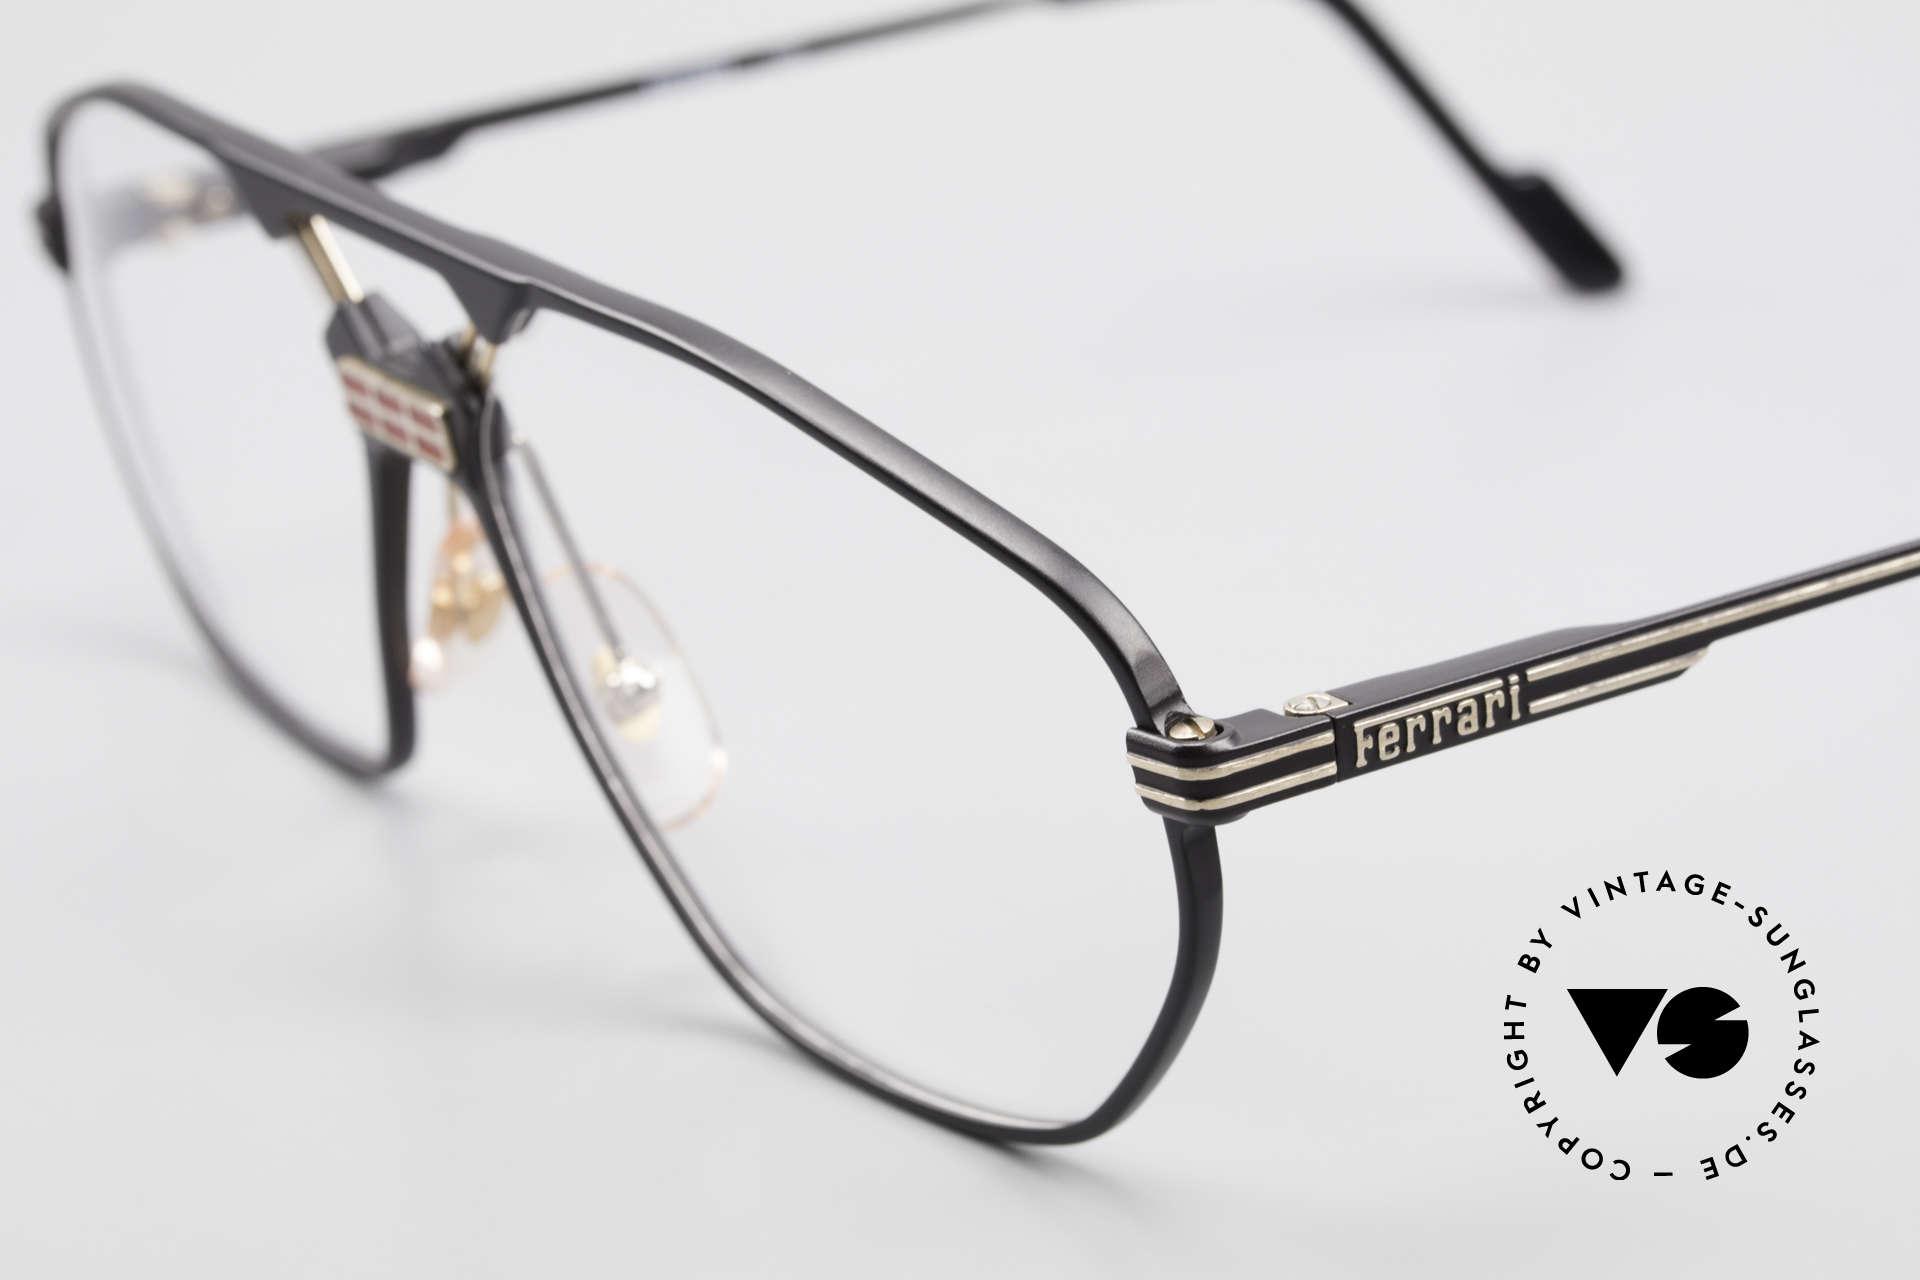 Ferrari F22 Men's Rare Vintage Glasses 90s, never worn (like all our RARE vintage Ferrari frames), Made for Men